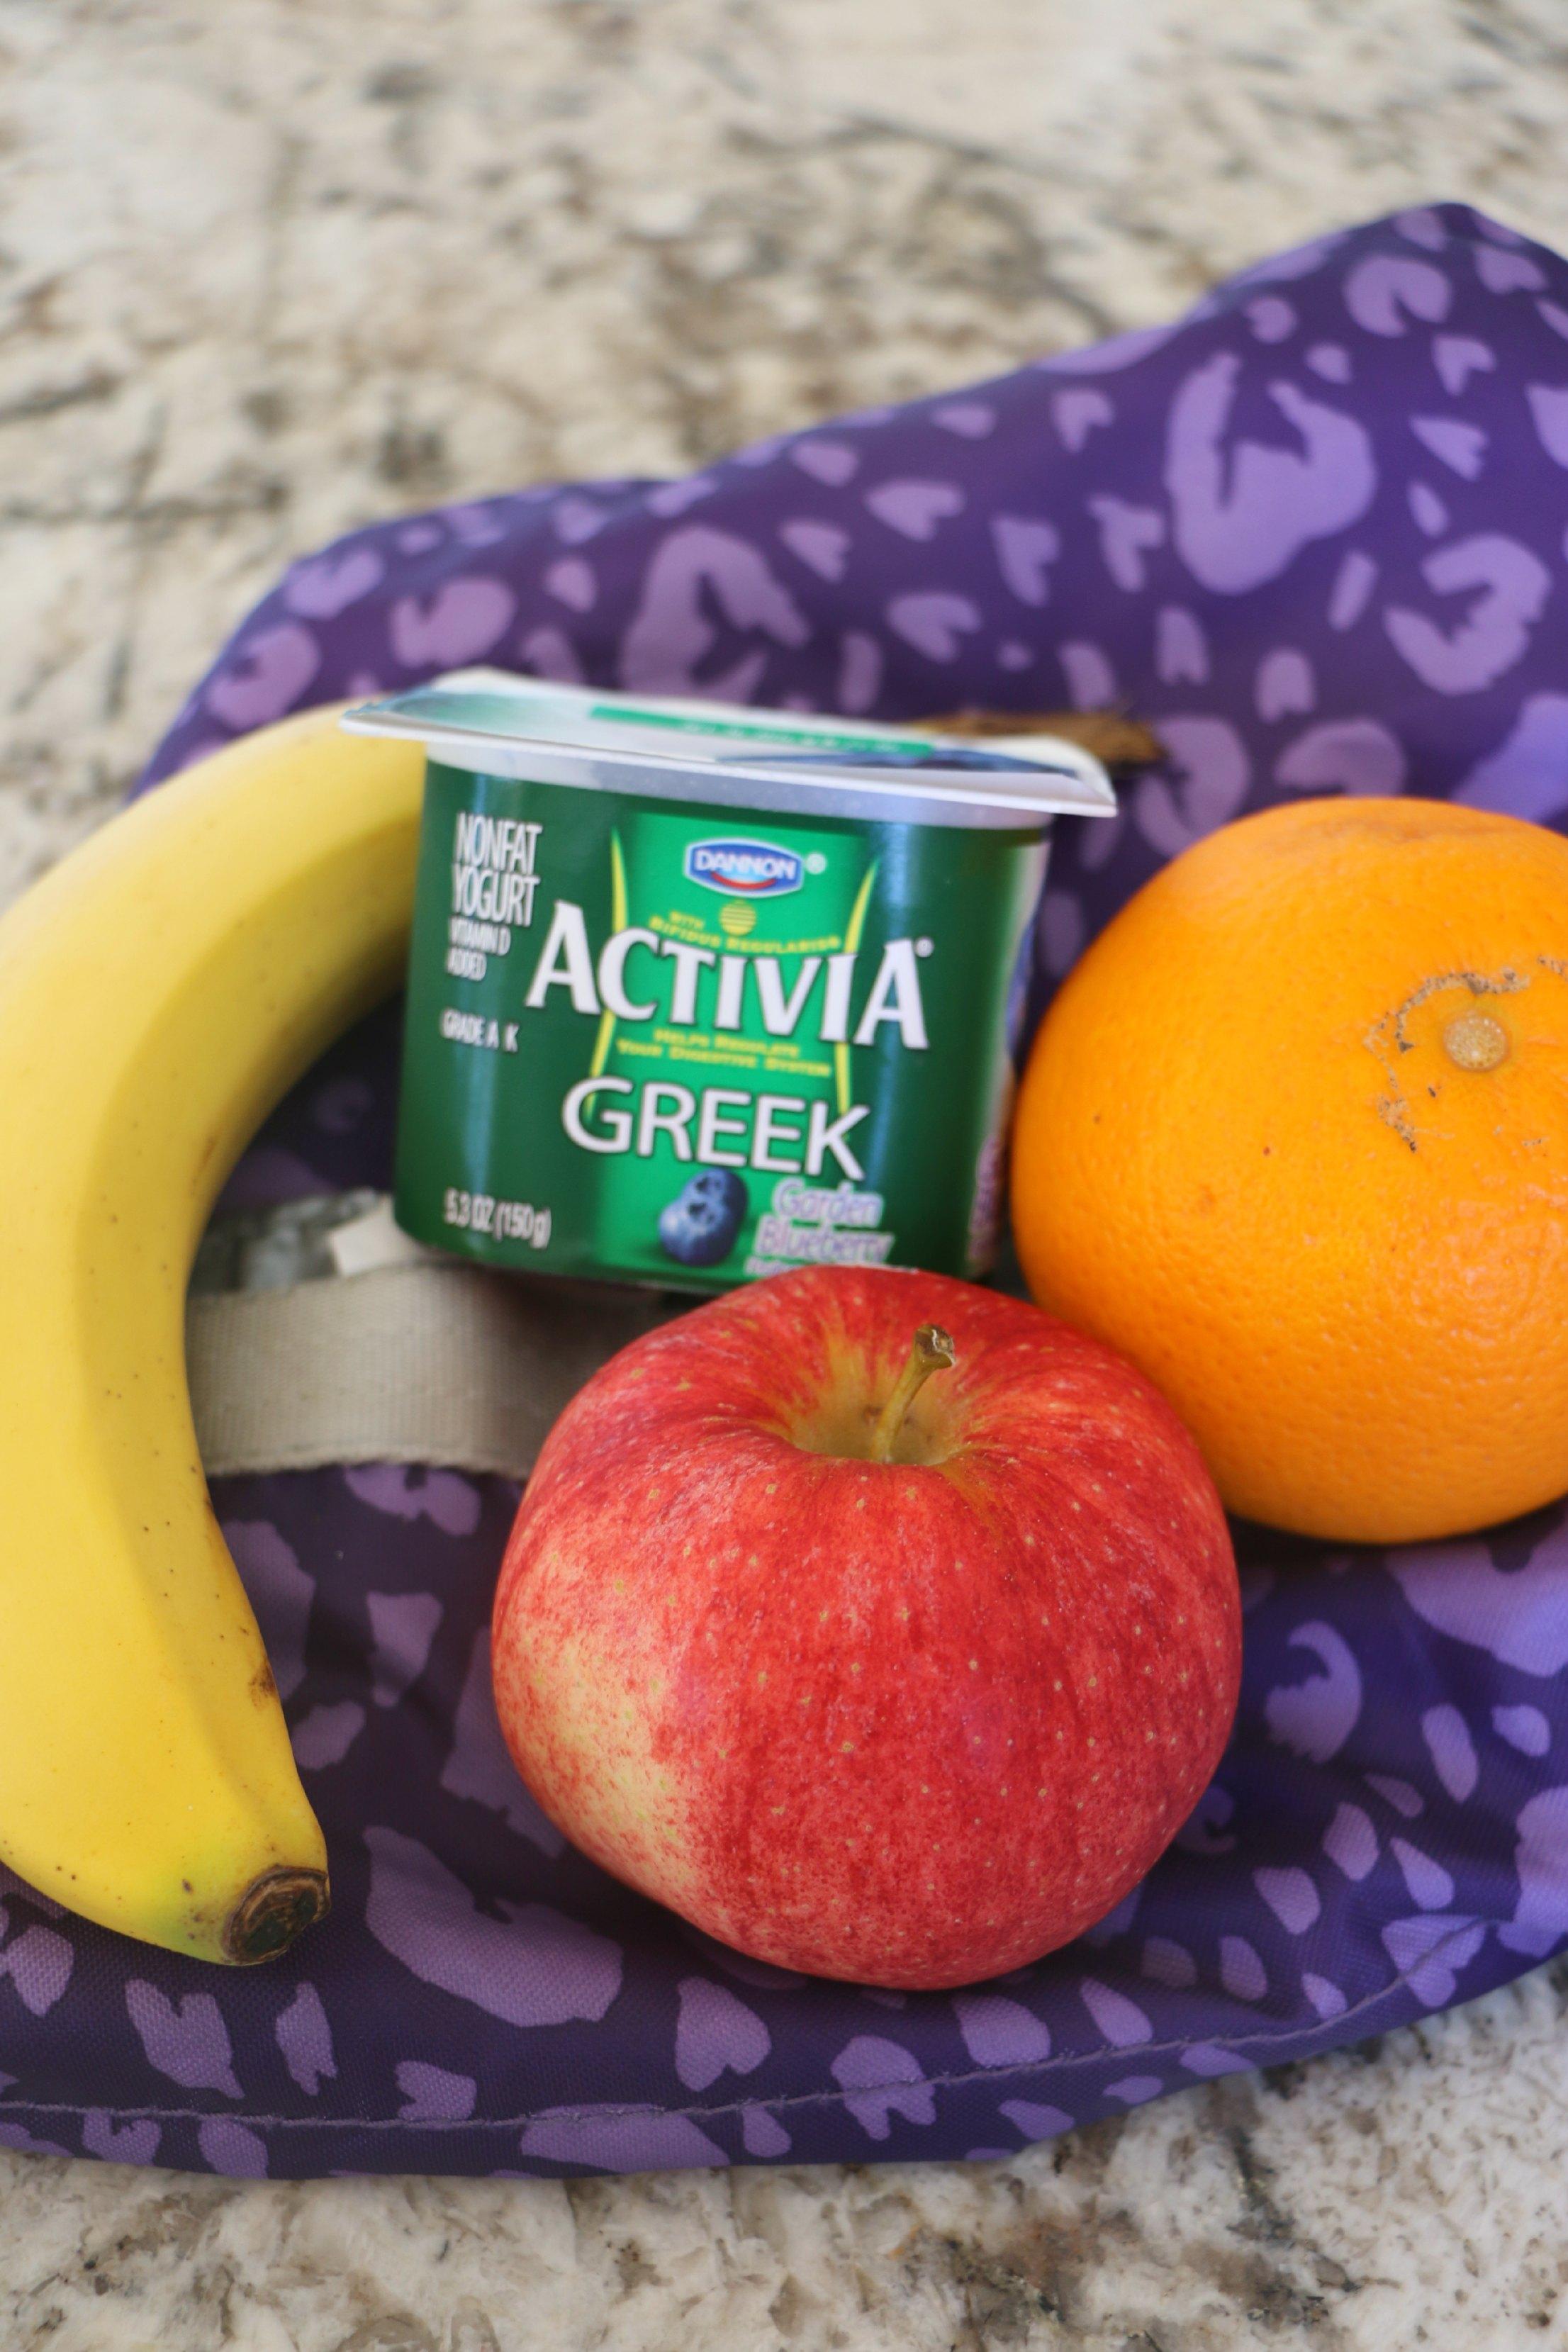 Activia Challenge Greek